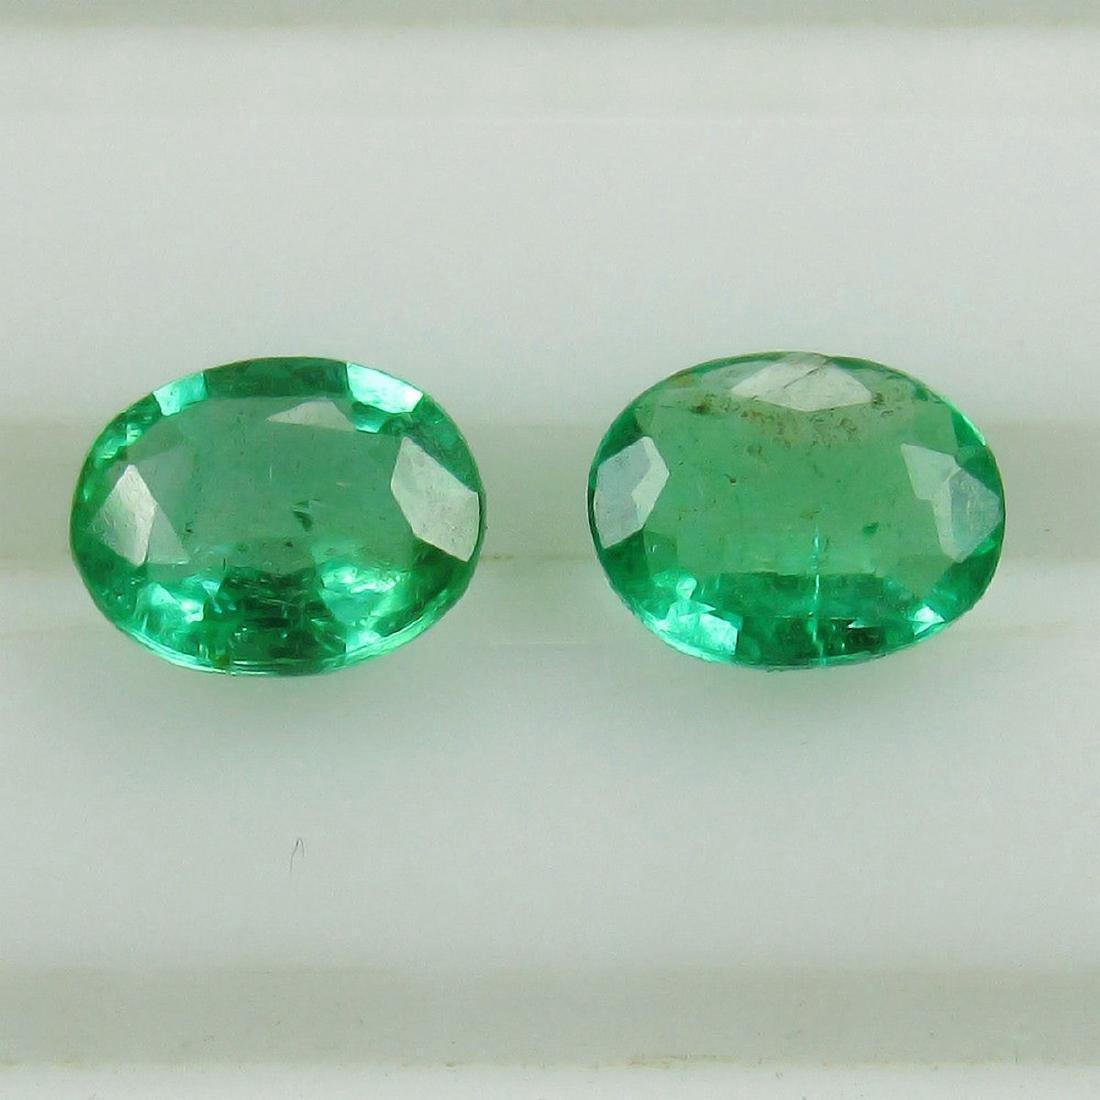 0.73 Carat Natural Loose Emerald Oval Pair